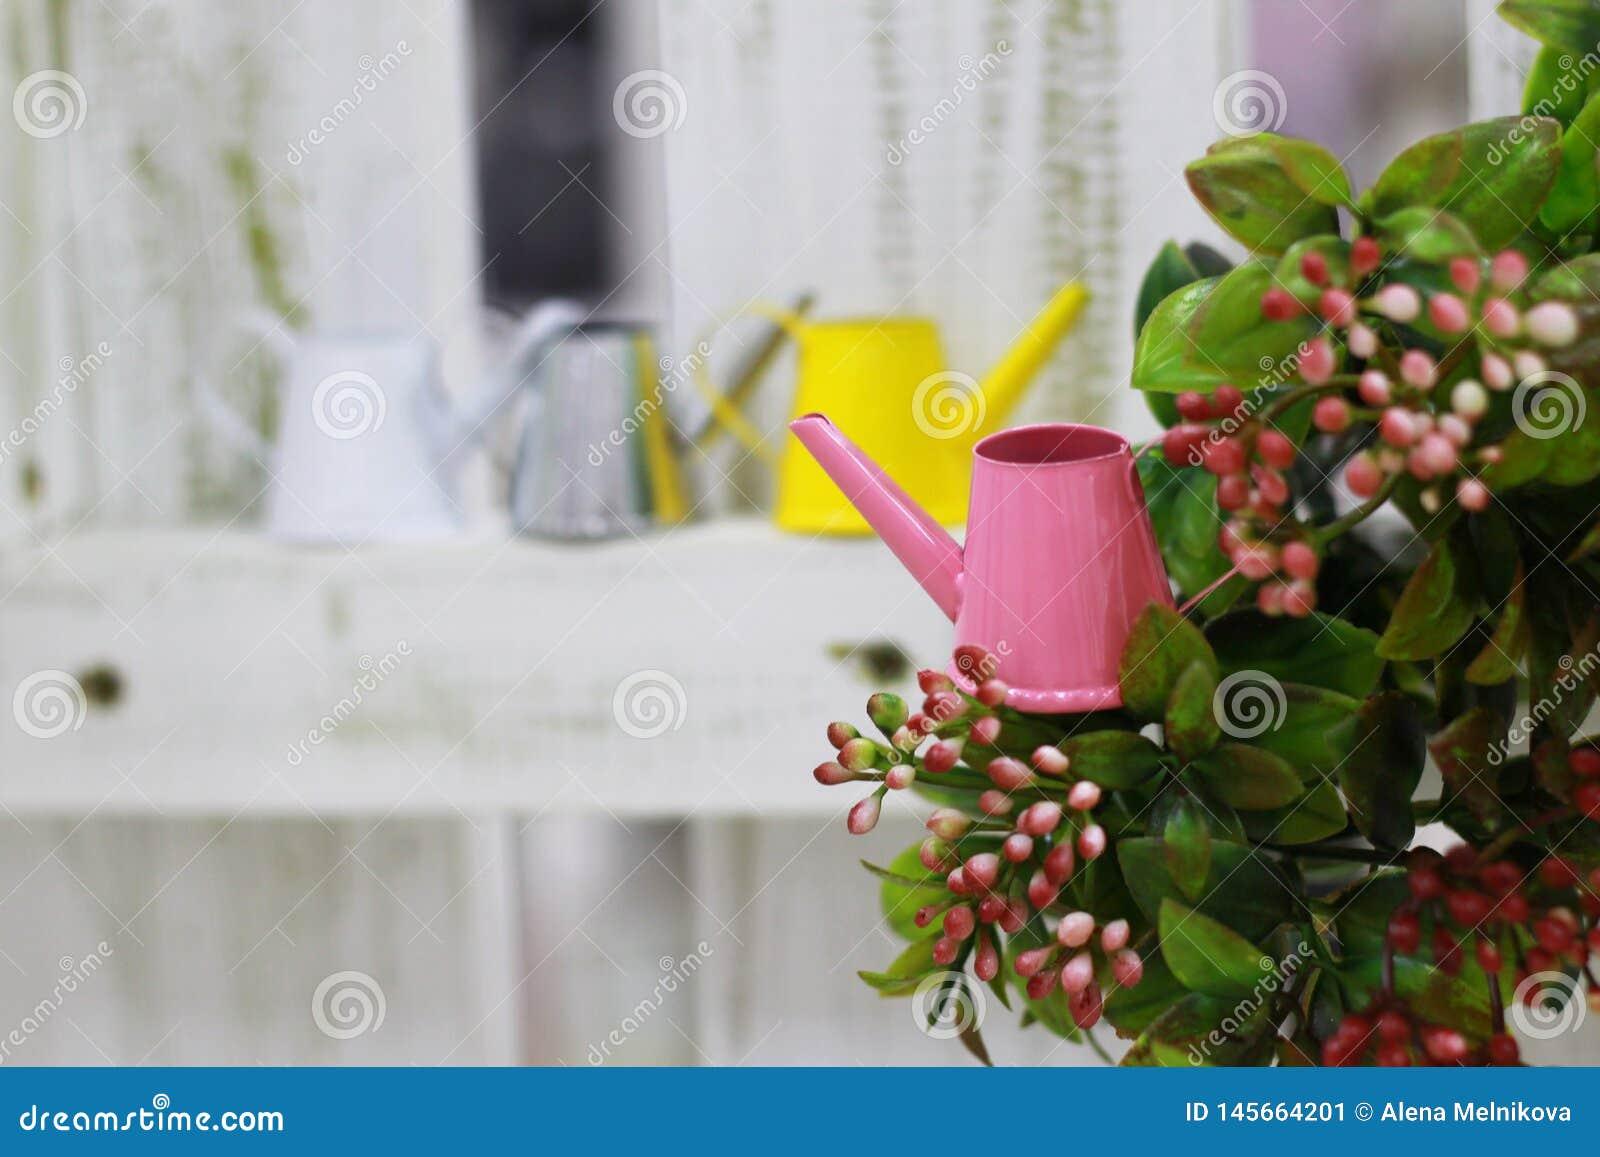 Wenig rosa Gießkanne auf einem grünen Busch